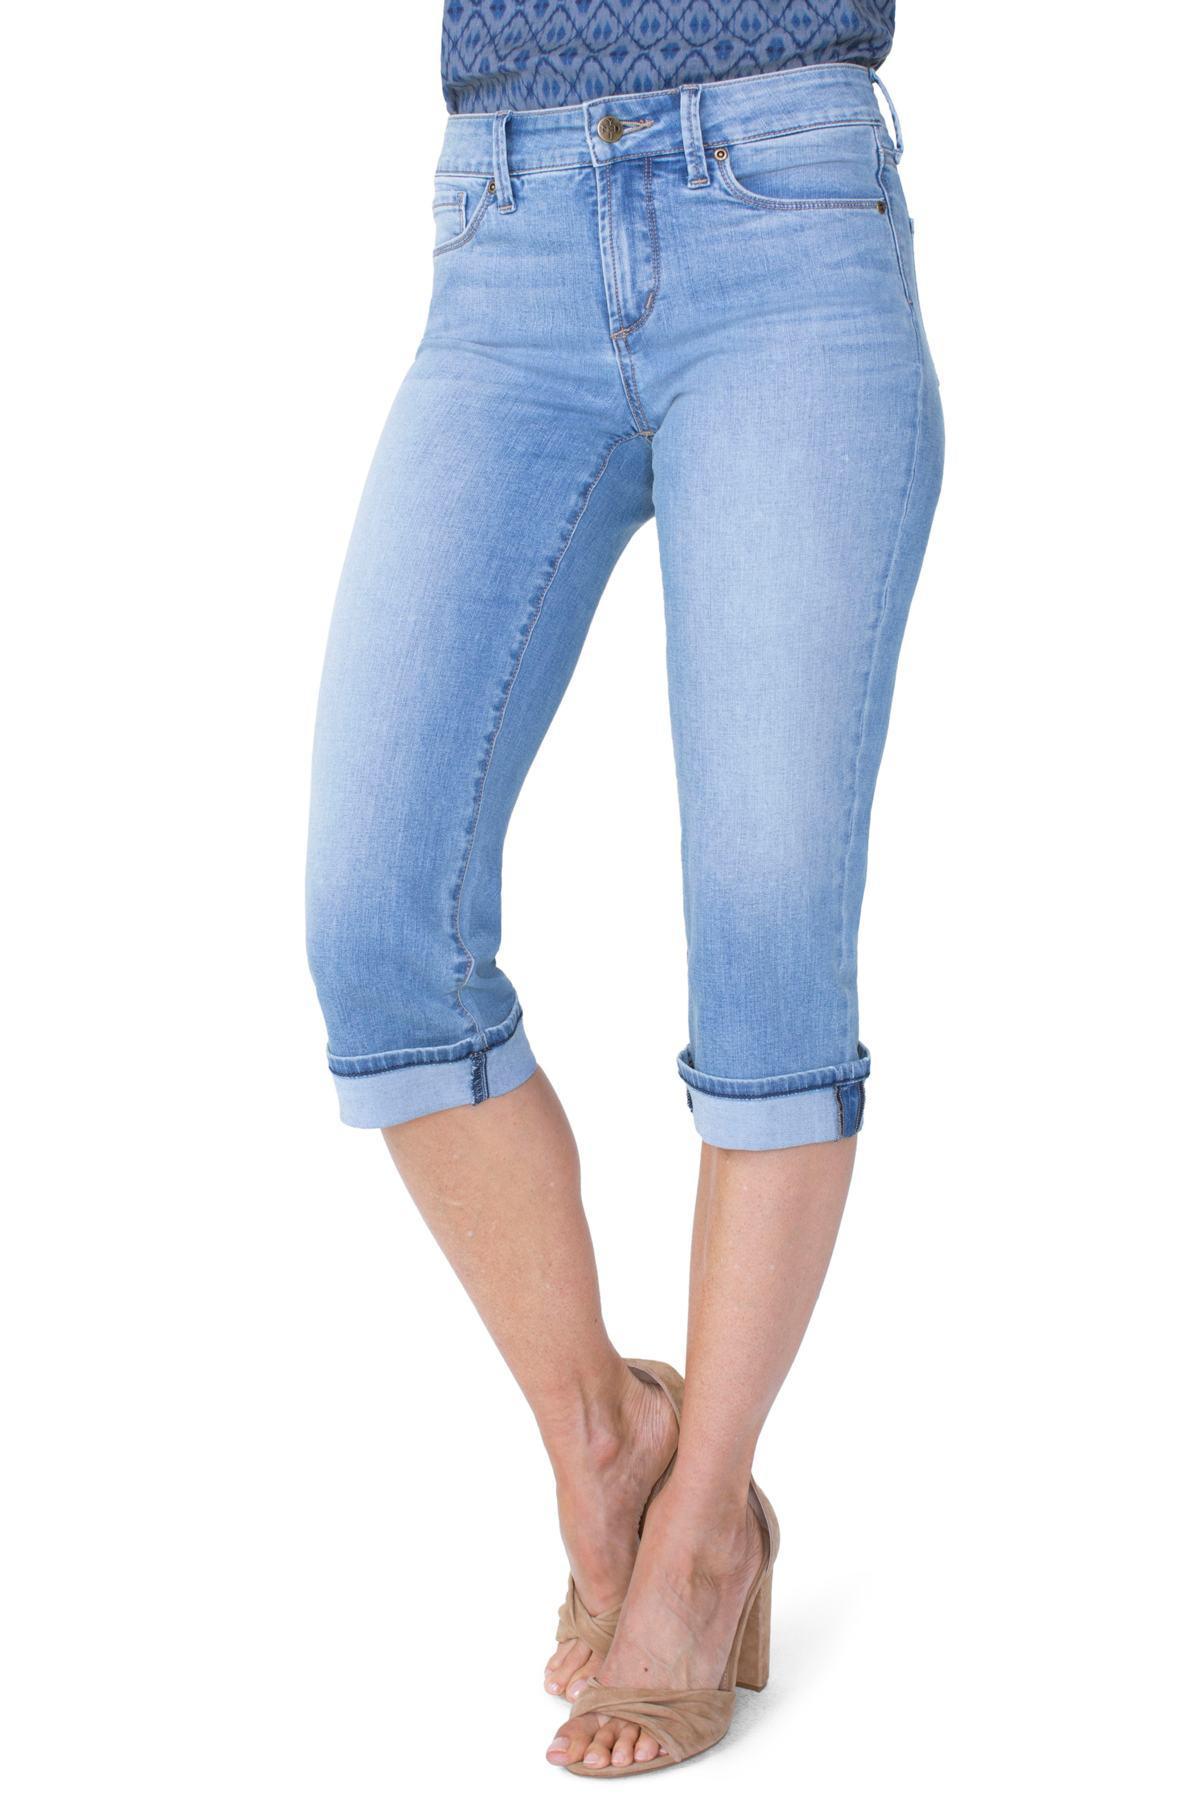 6af8d89109a Lyst - NYDJ Marilyn High Waist Cuffed Stretch Crop Jeans in Blue ...